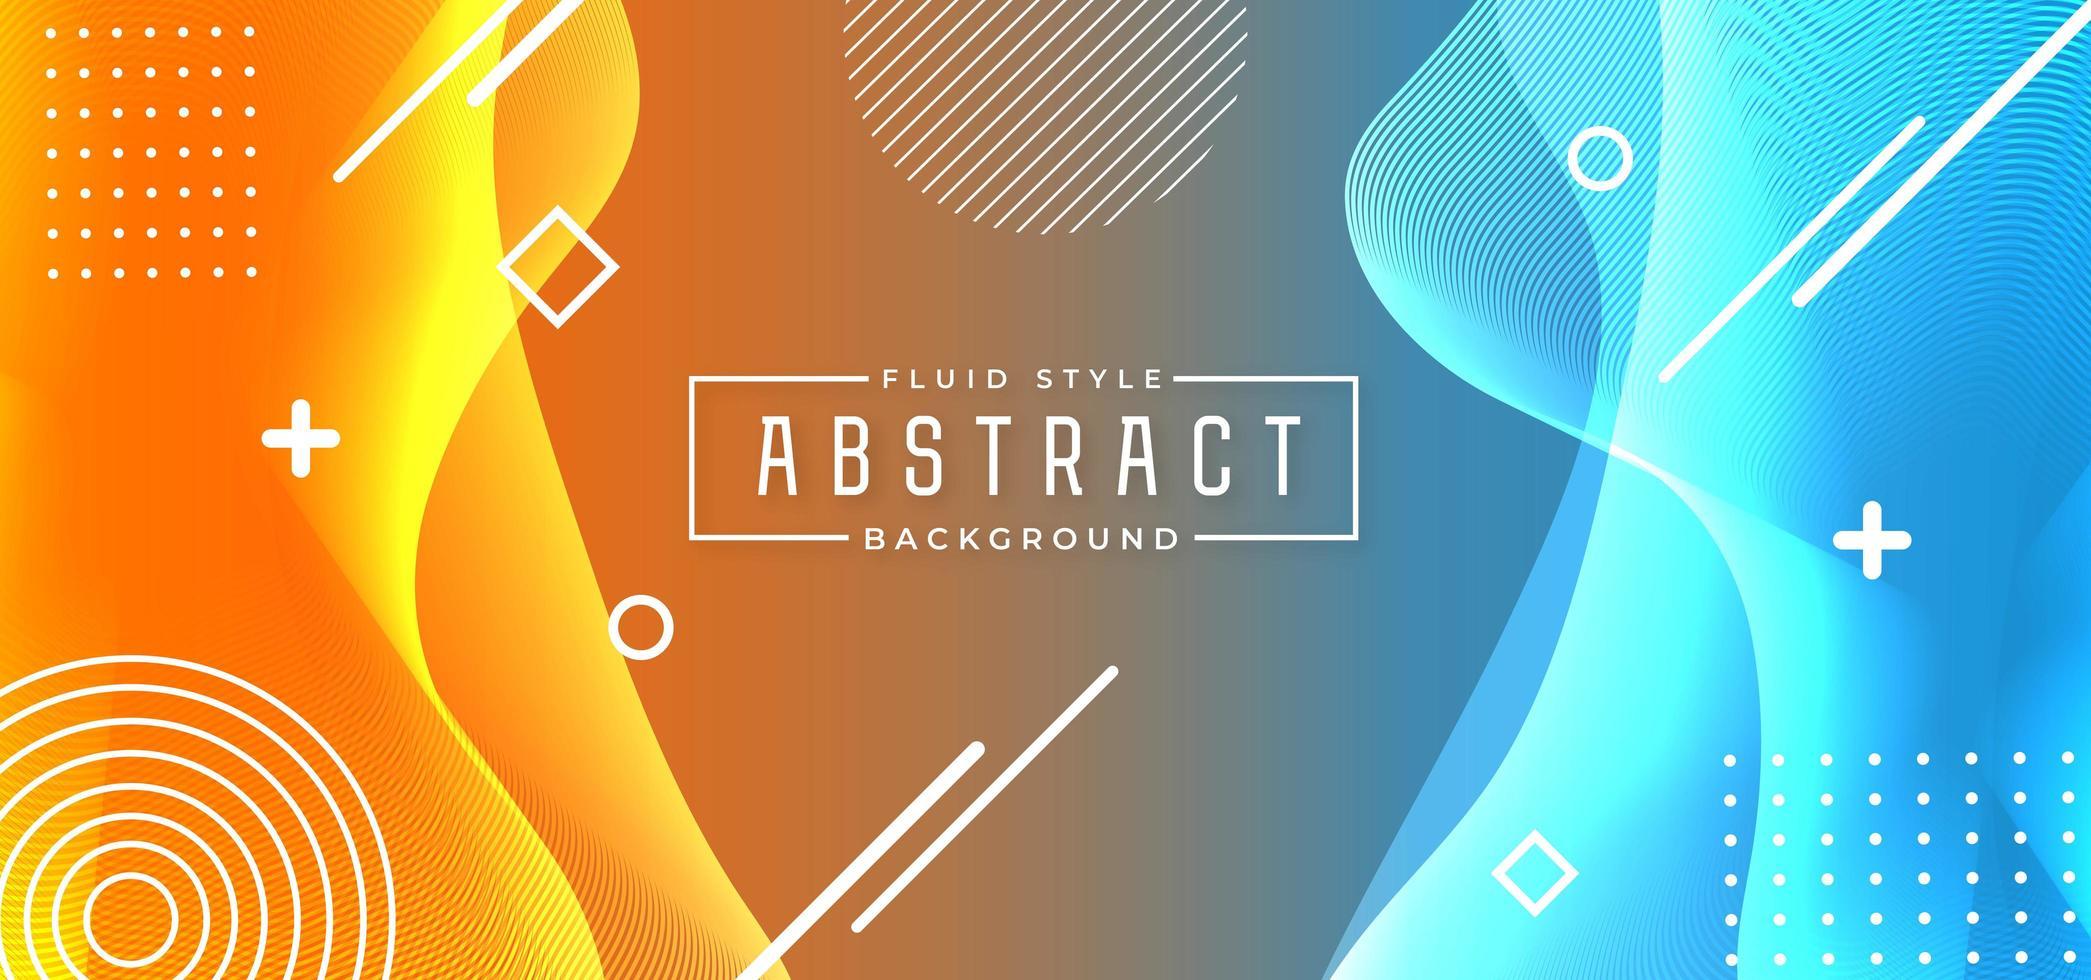 blå och orange flytande stil abstrakt bakgrund vektor